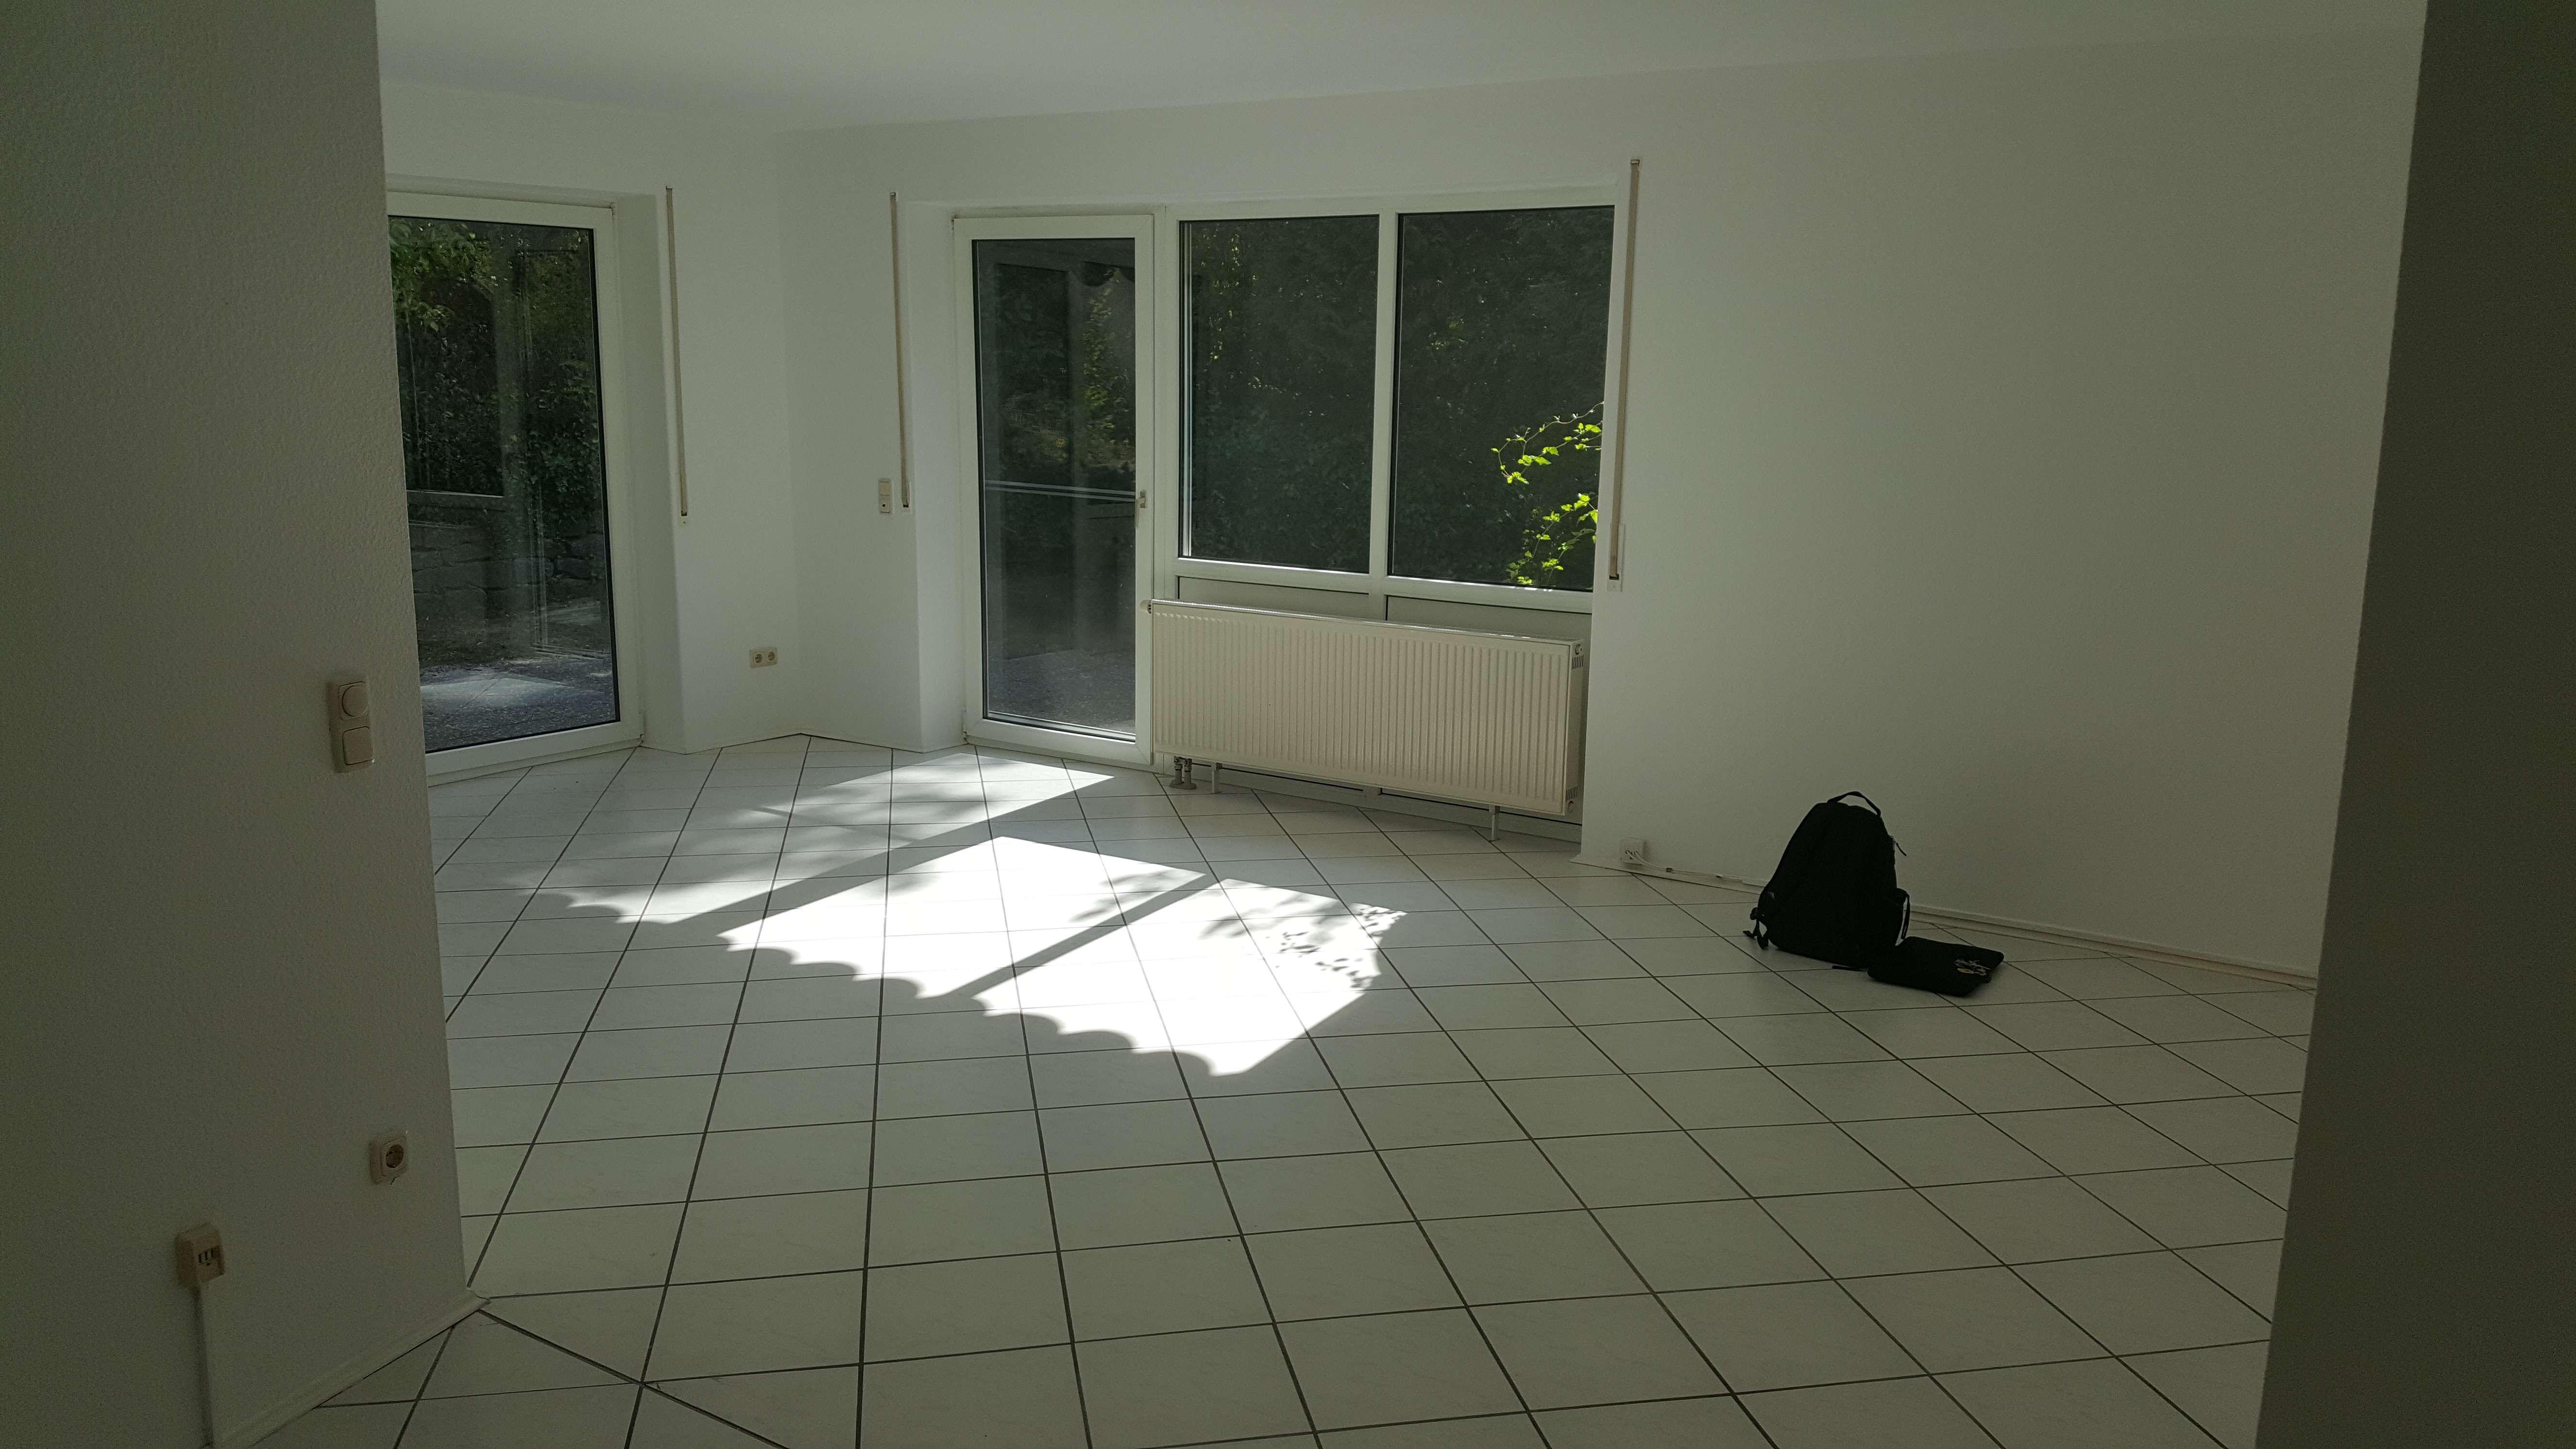 Oberdürrbach: 3-Zimmer-Wohnung mit Terrasse in